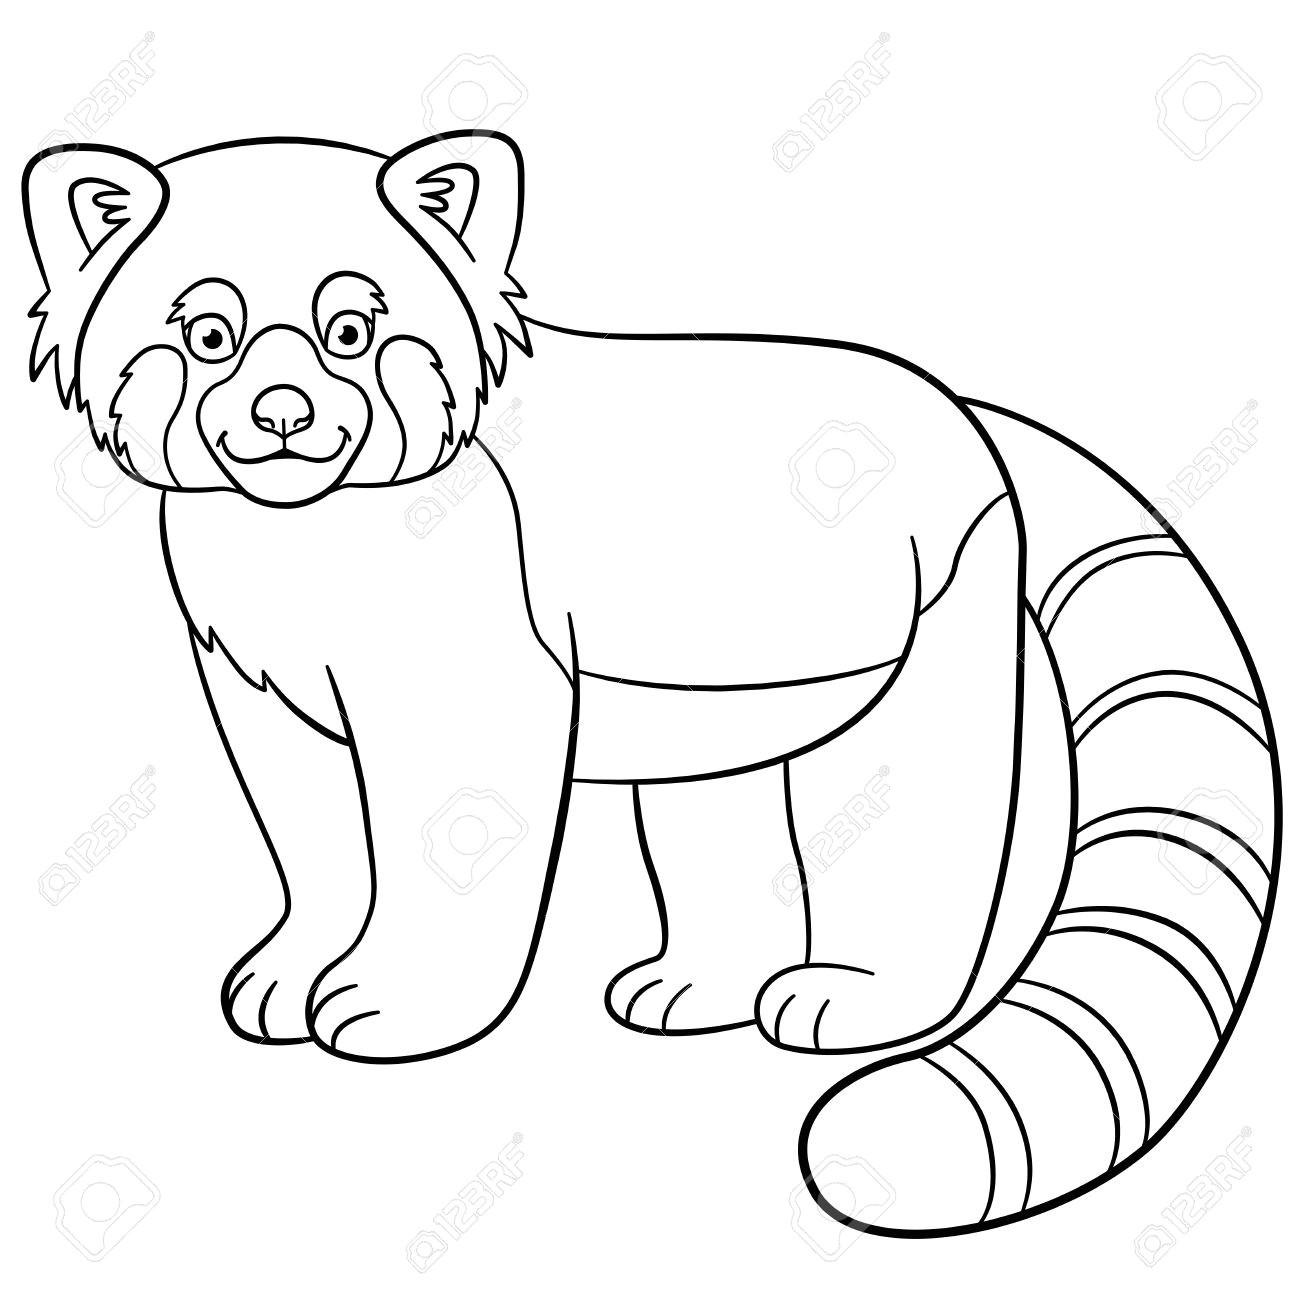 Coloriages À Imprimer : Panda, Numéro : 7F69E638 concernant Panda À Colorier